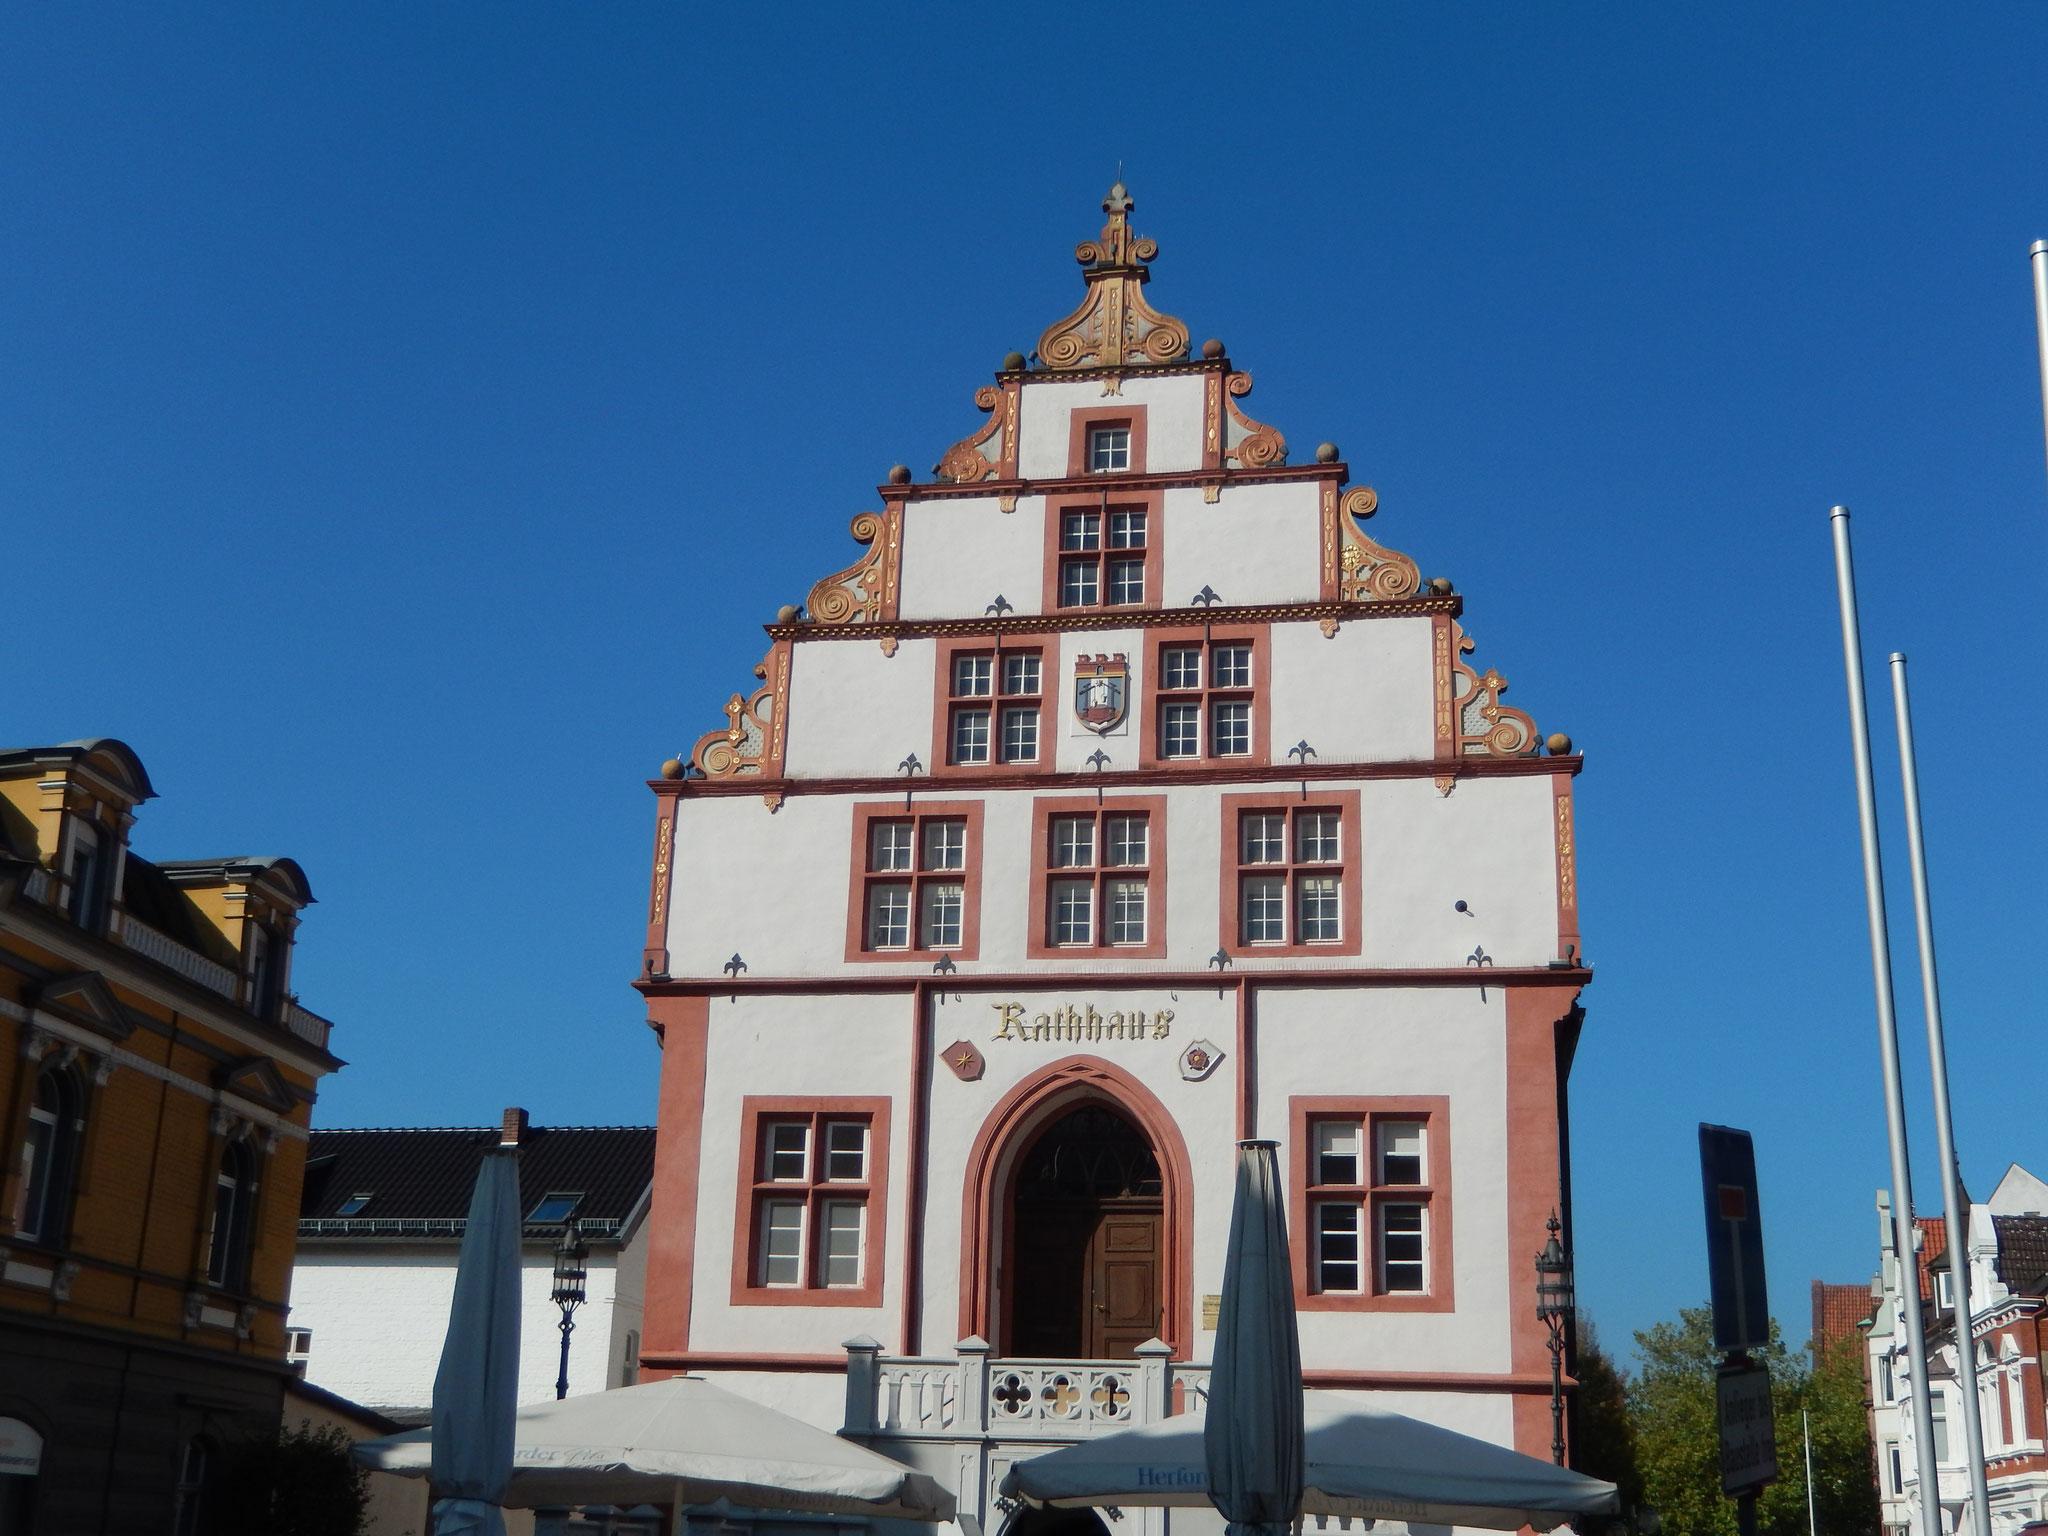 historisches Rathaus von Bad Salzuflen